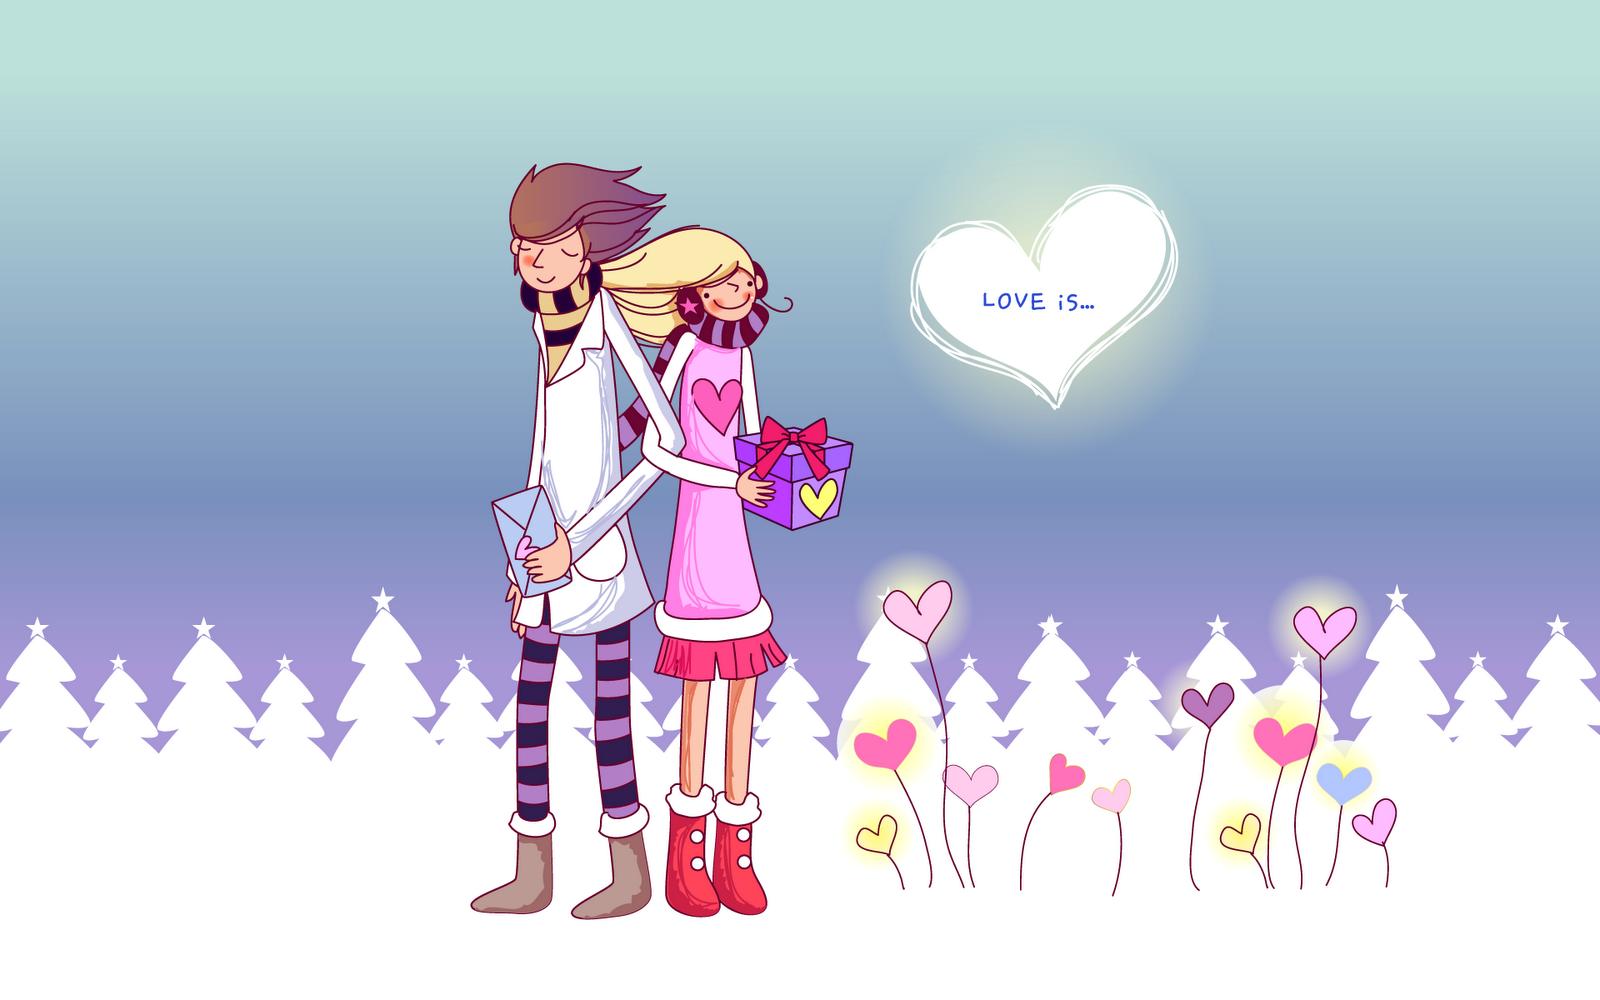 Imagenes De Dia De Los Enamorados - Todo enamorados: Te quiero imagenes con frases bonitas